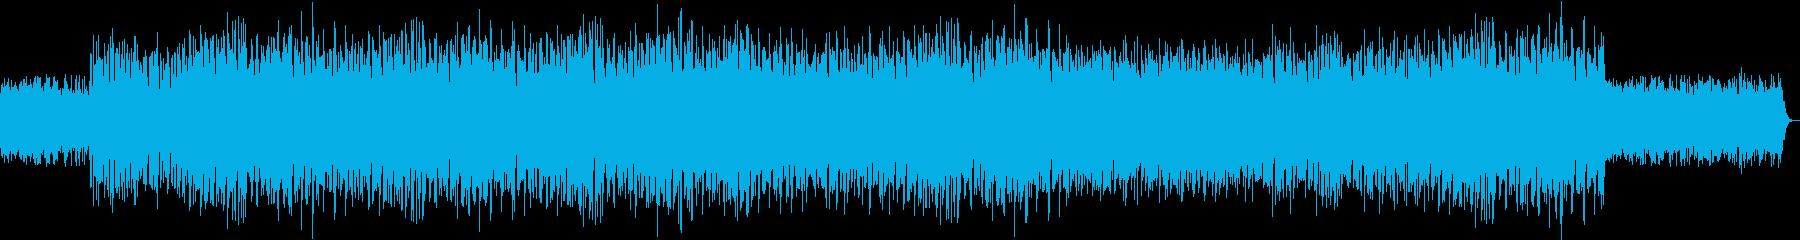 コミカルな雰囲気のポップテクノの再生済みの波形